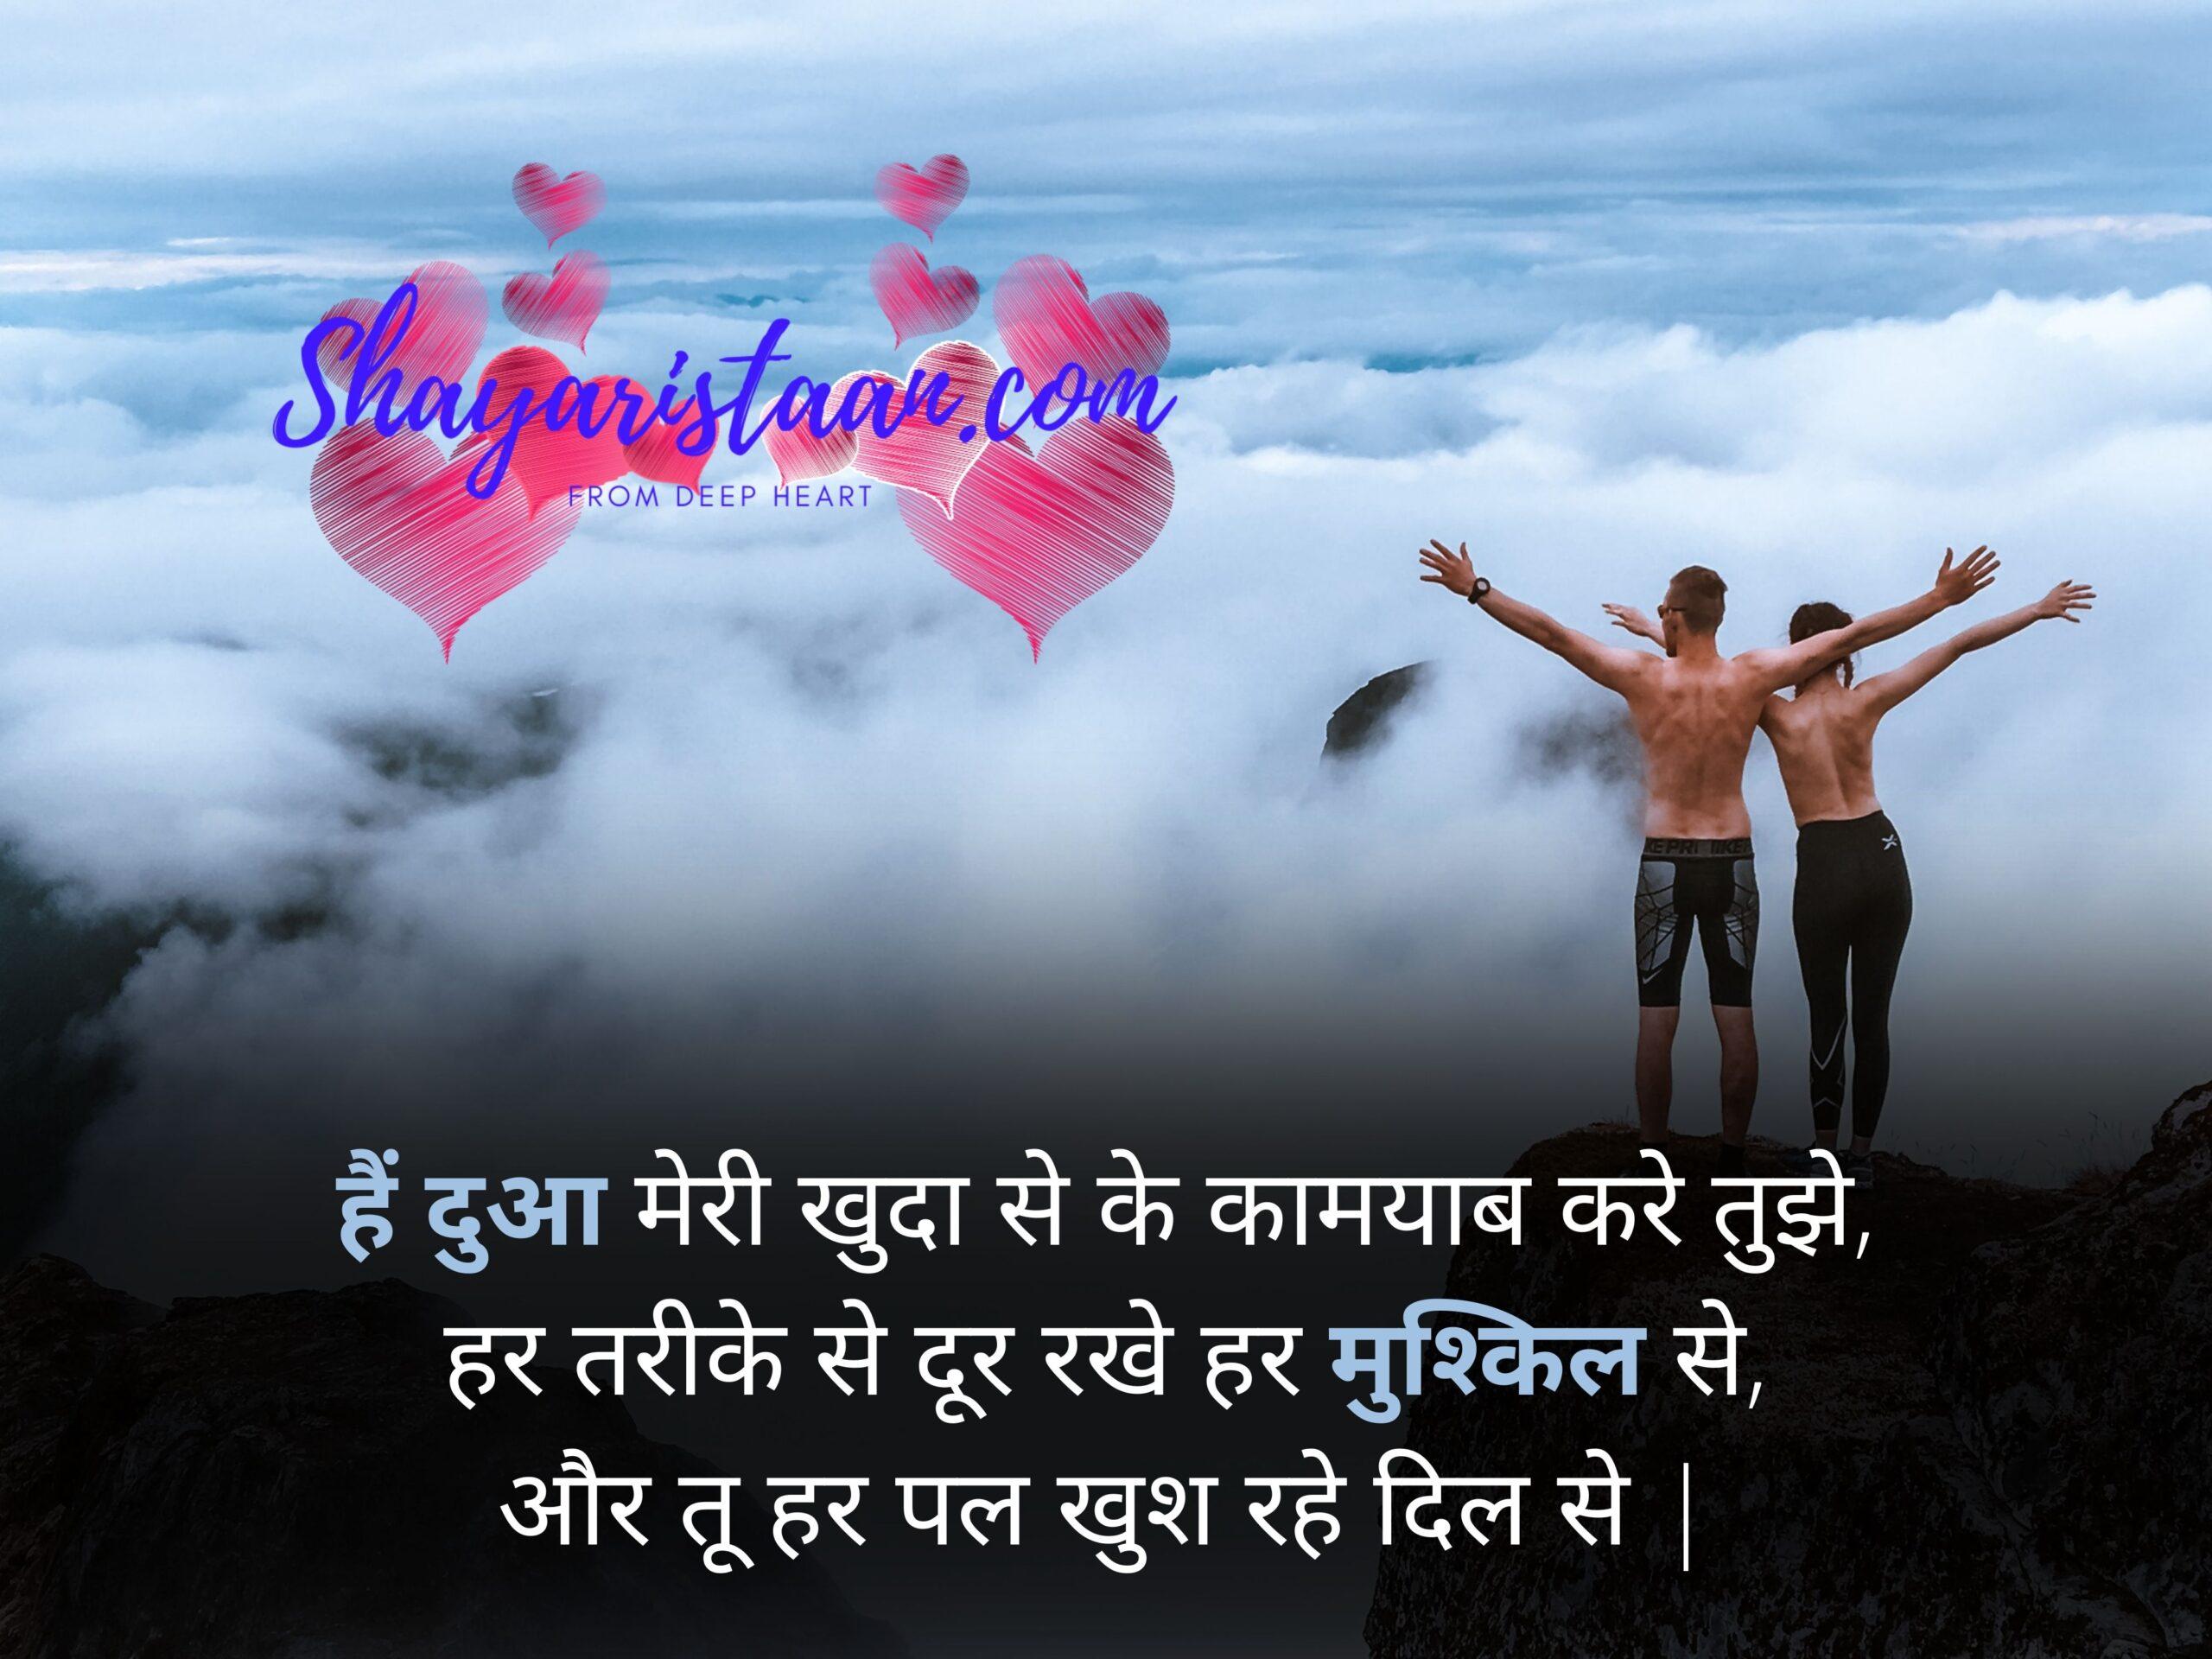 सक्सेस कोट्स इन हिंदी   हैं दुआ मेरी खुदा से के कामयाब करे तुझे, हर तरीके से दूर रखे हर मुश्किल से, और तू हर पल खुश रहे दिल से  